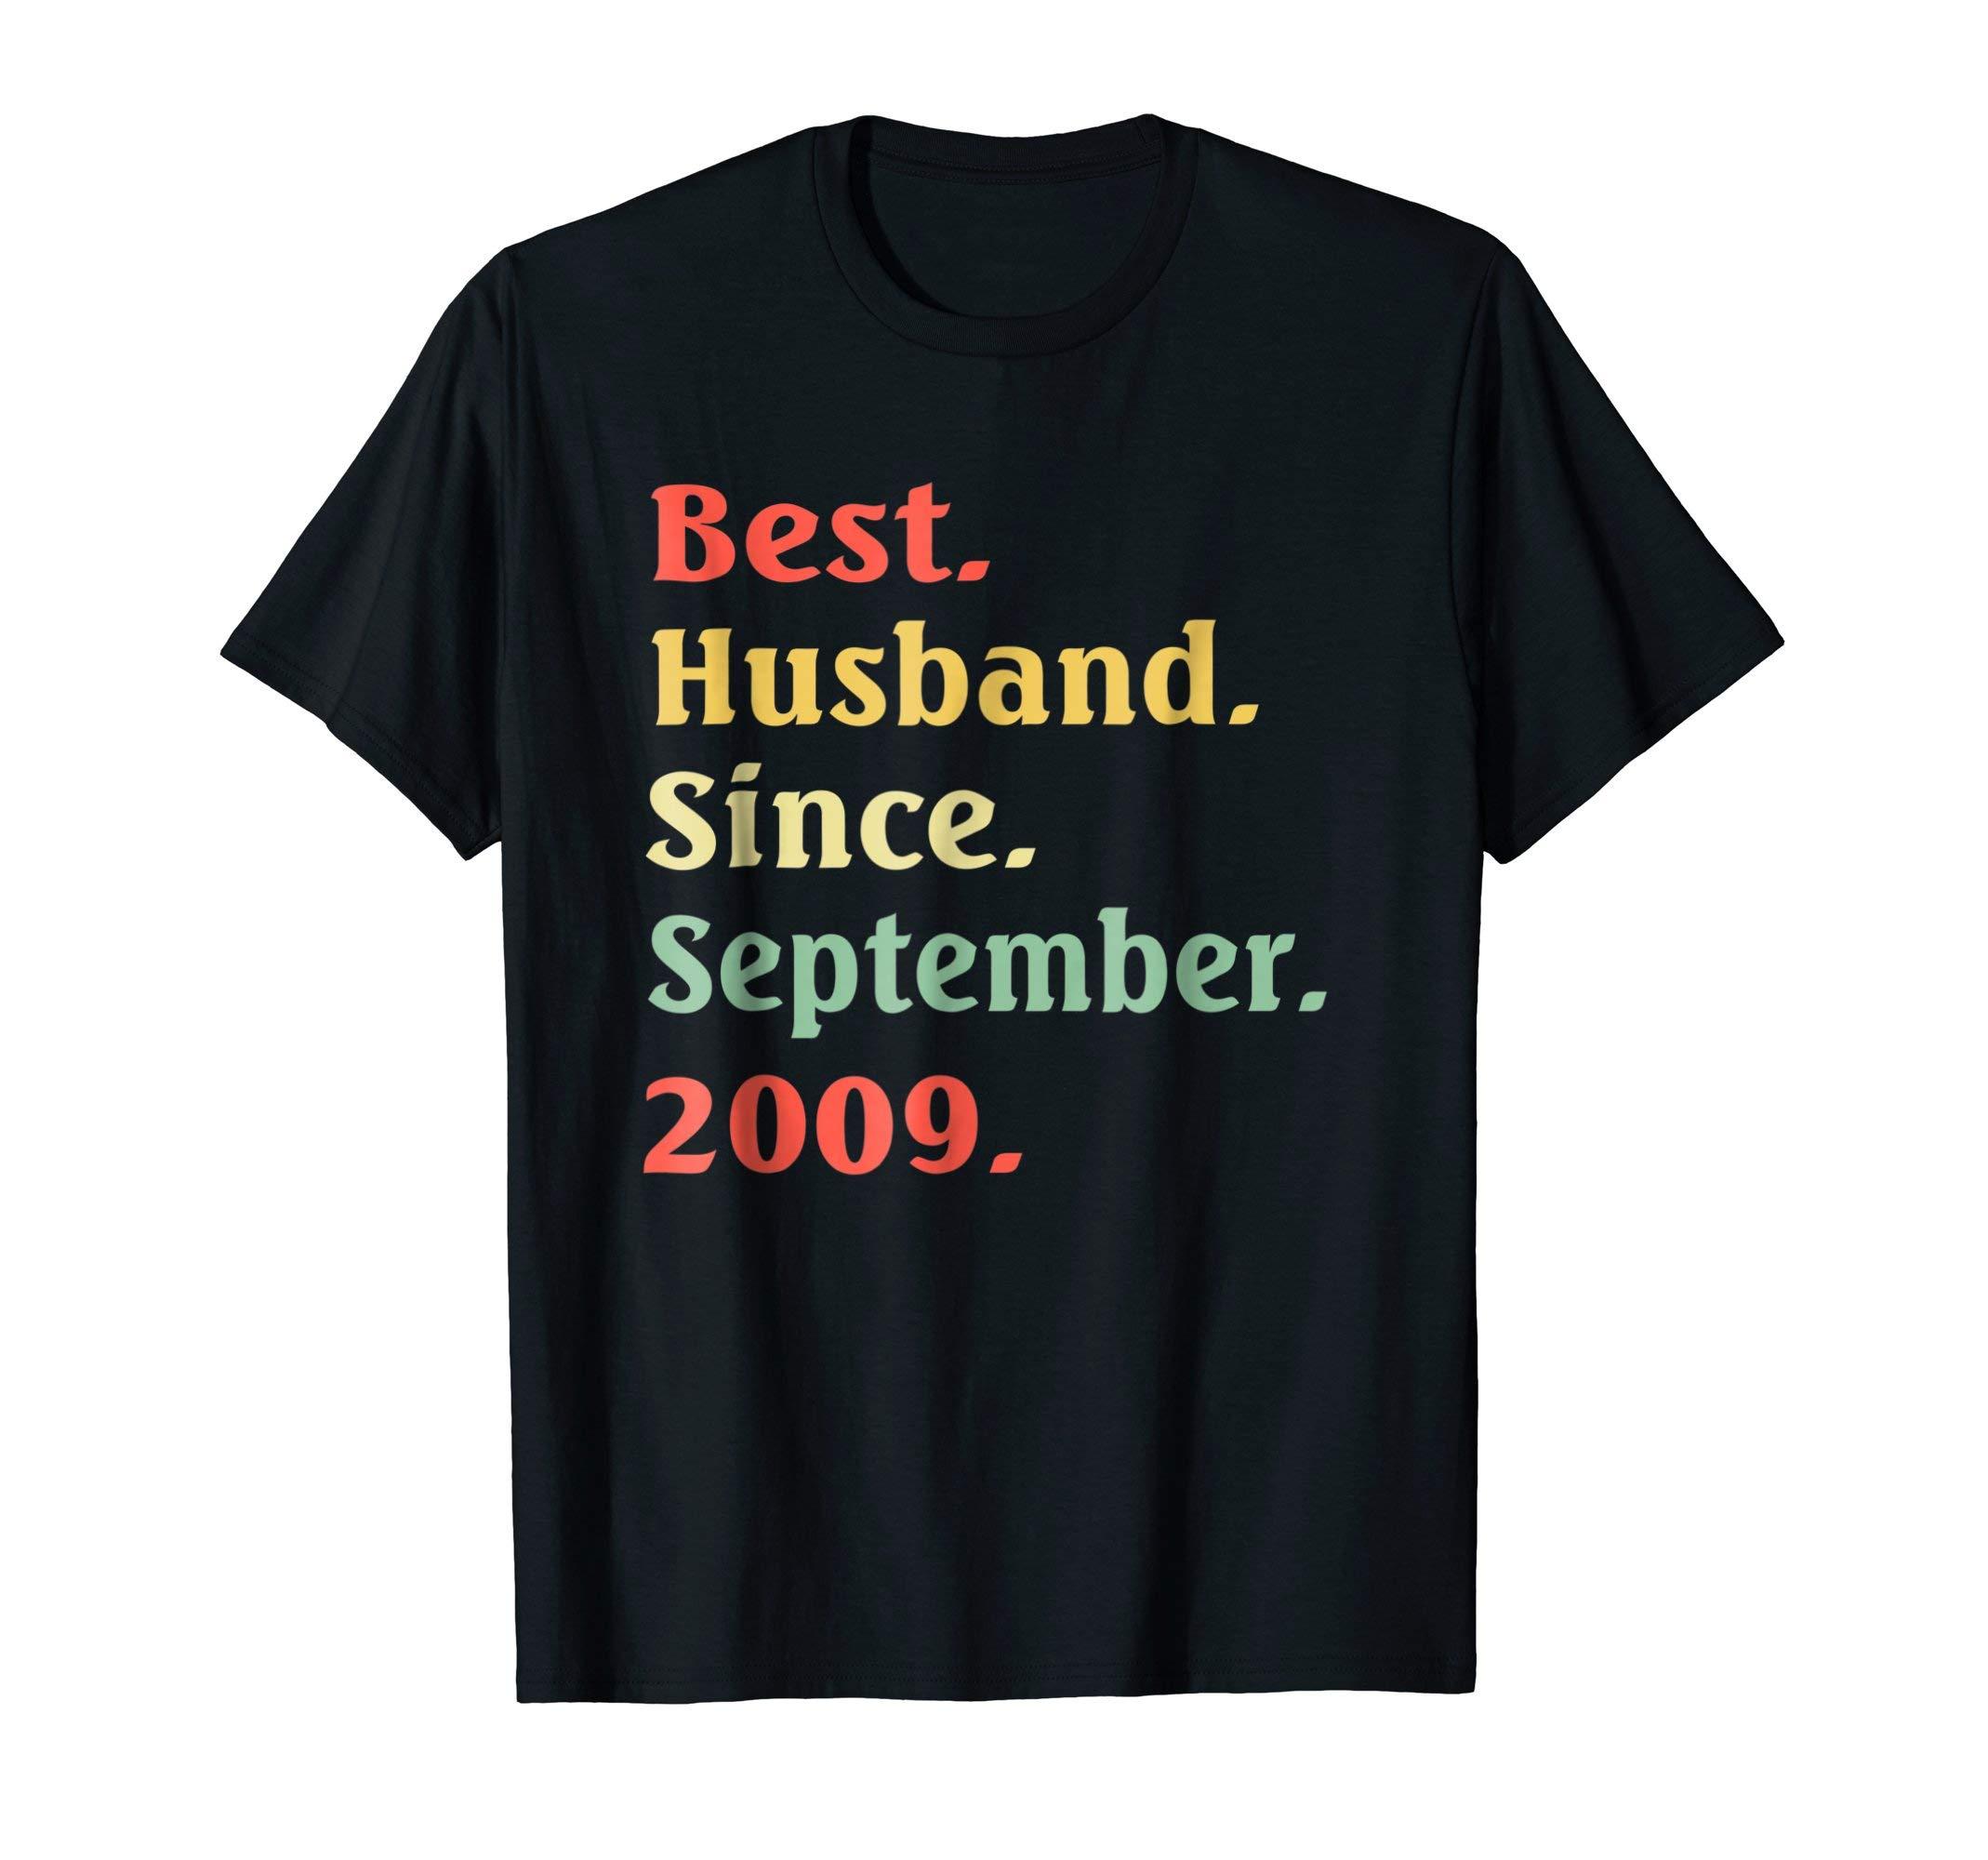 Best Husband Since September 2009 Wedding Anniversary Tee